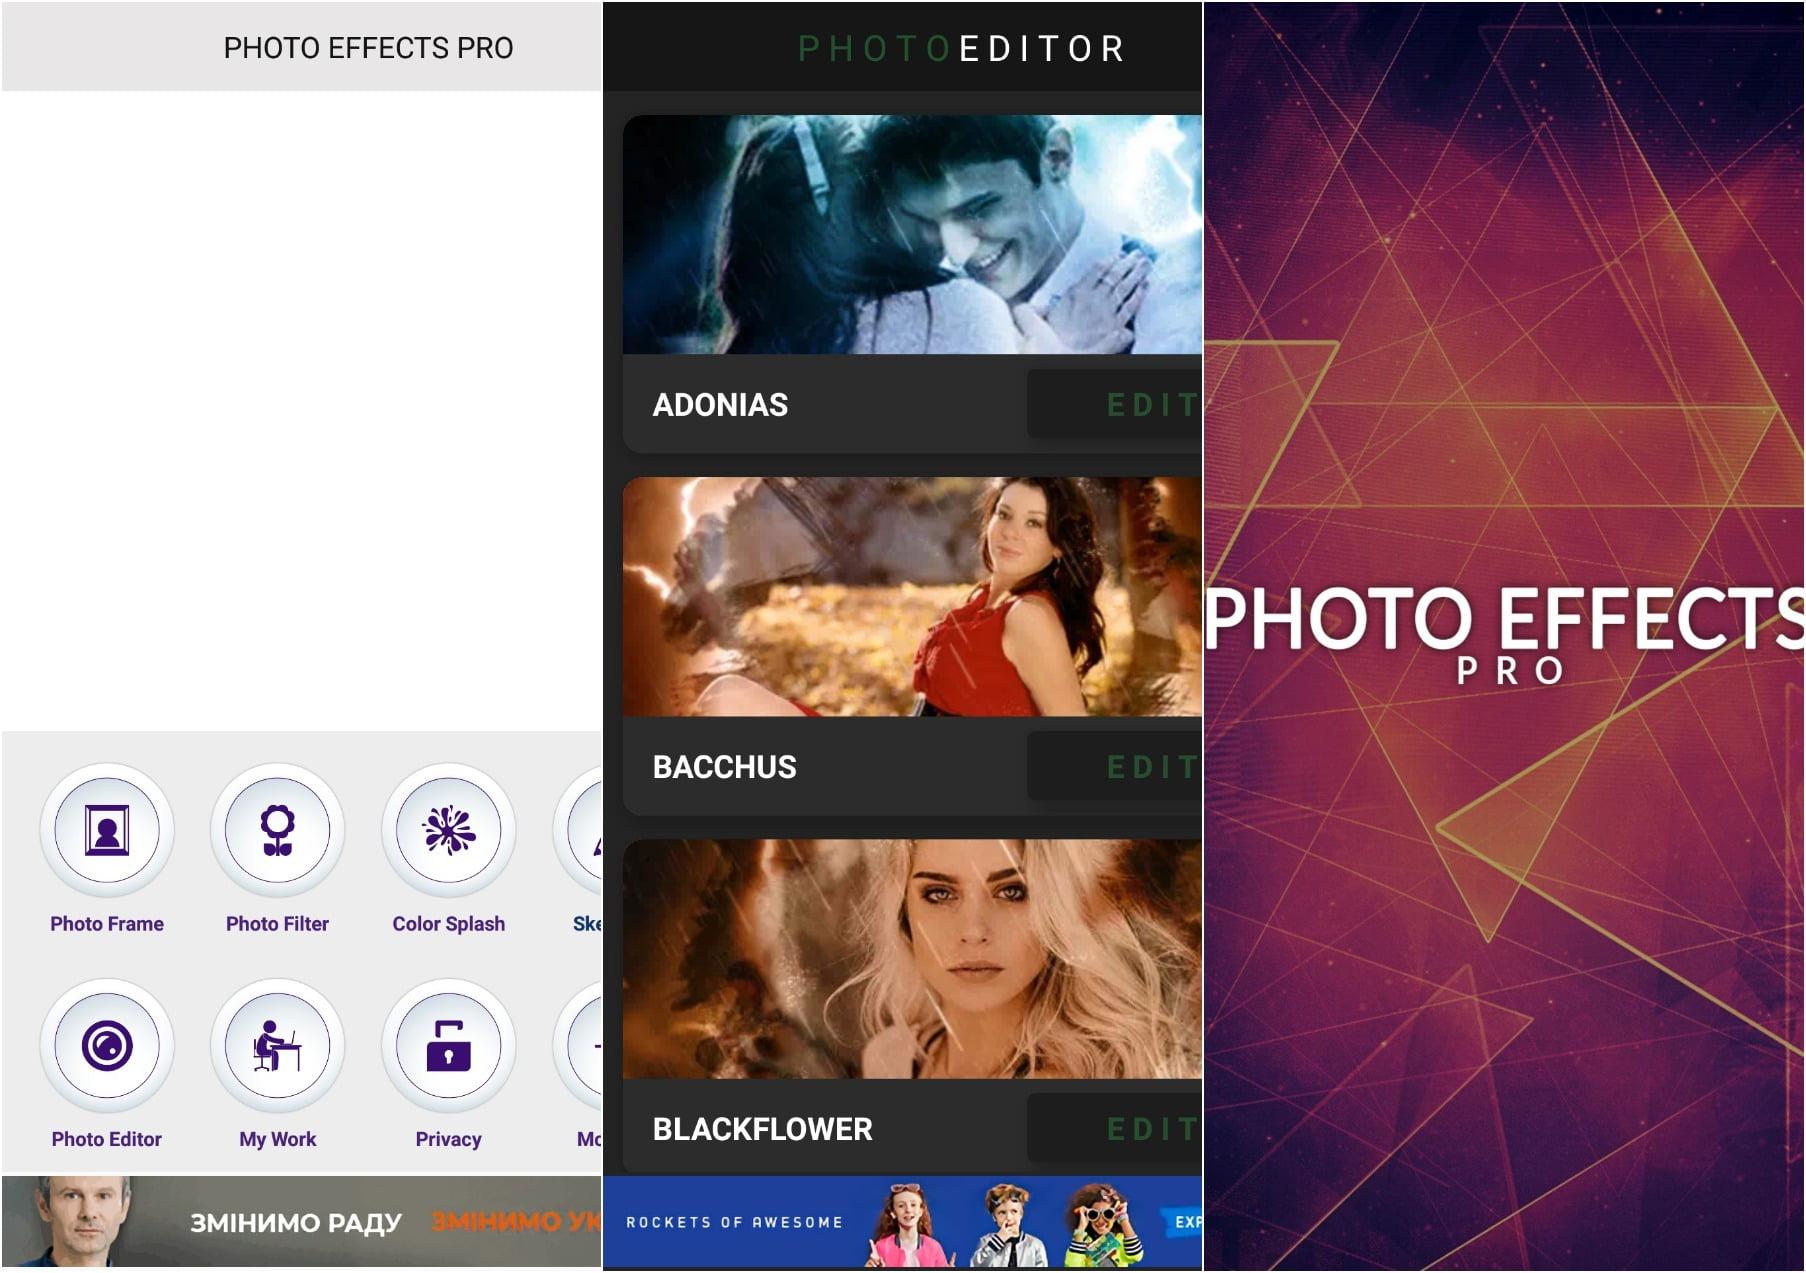 На фото изображено приложение Photo Effects Pro